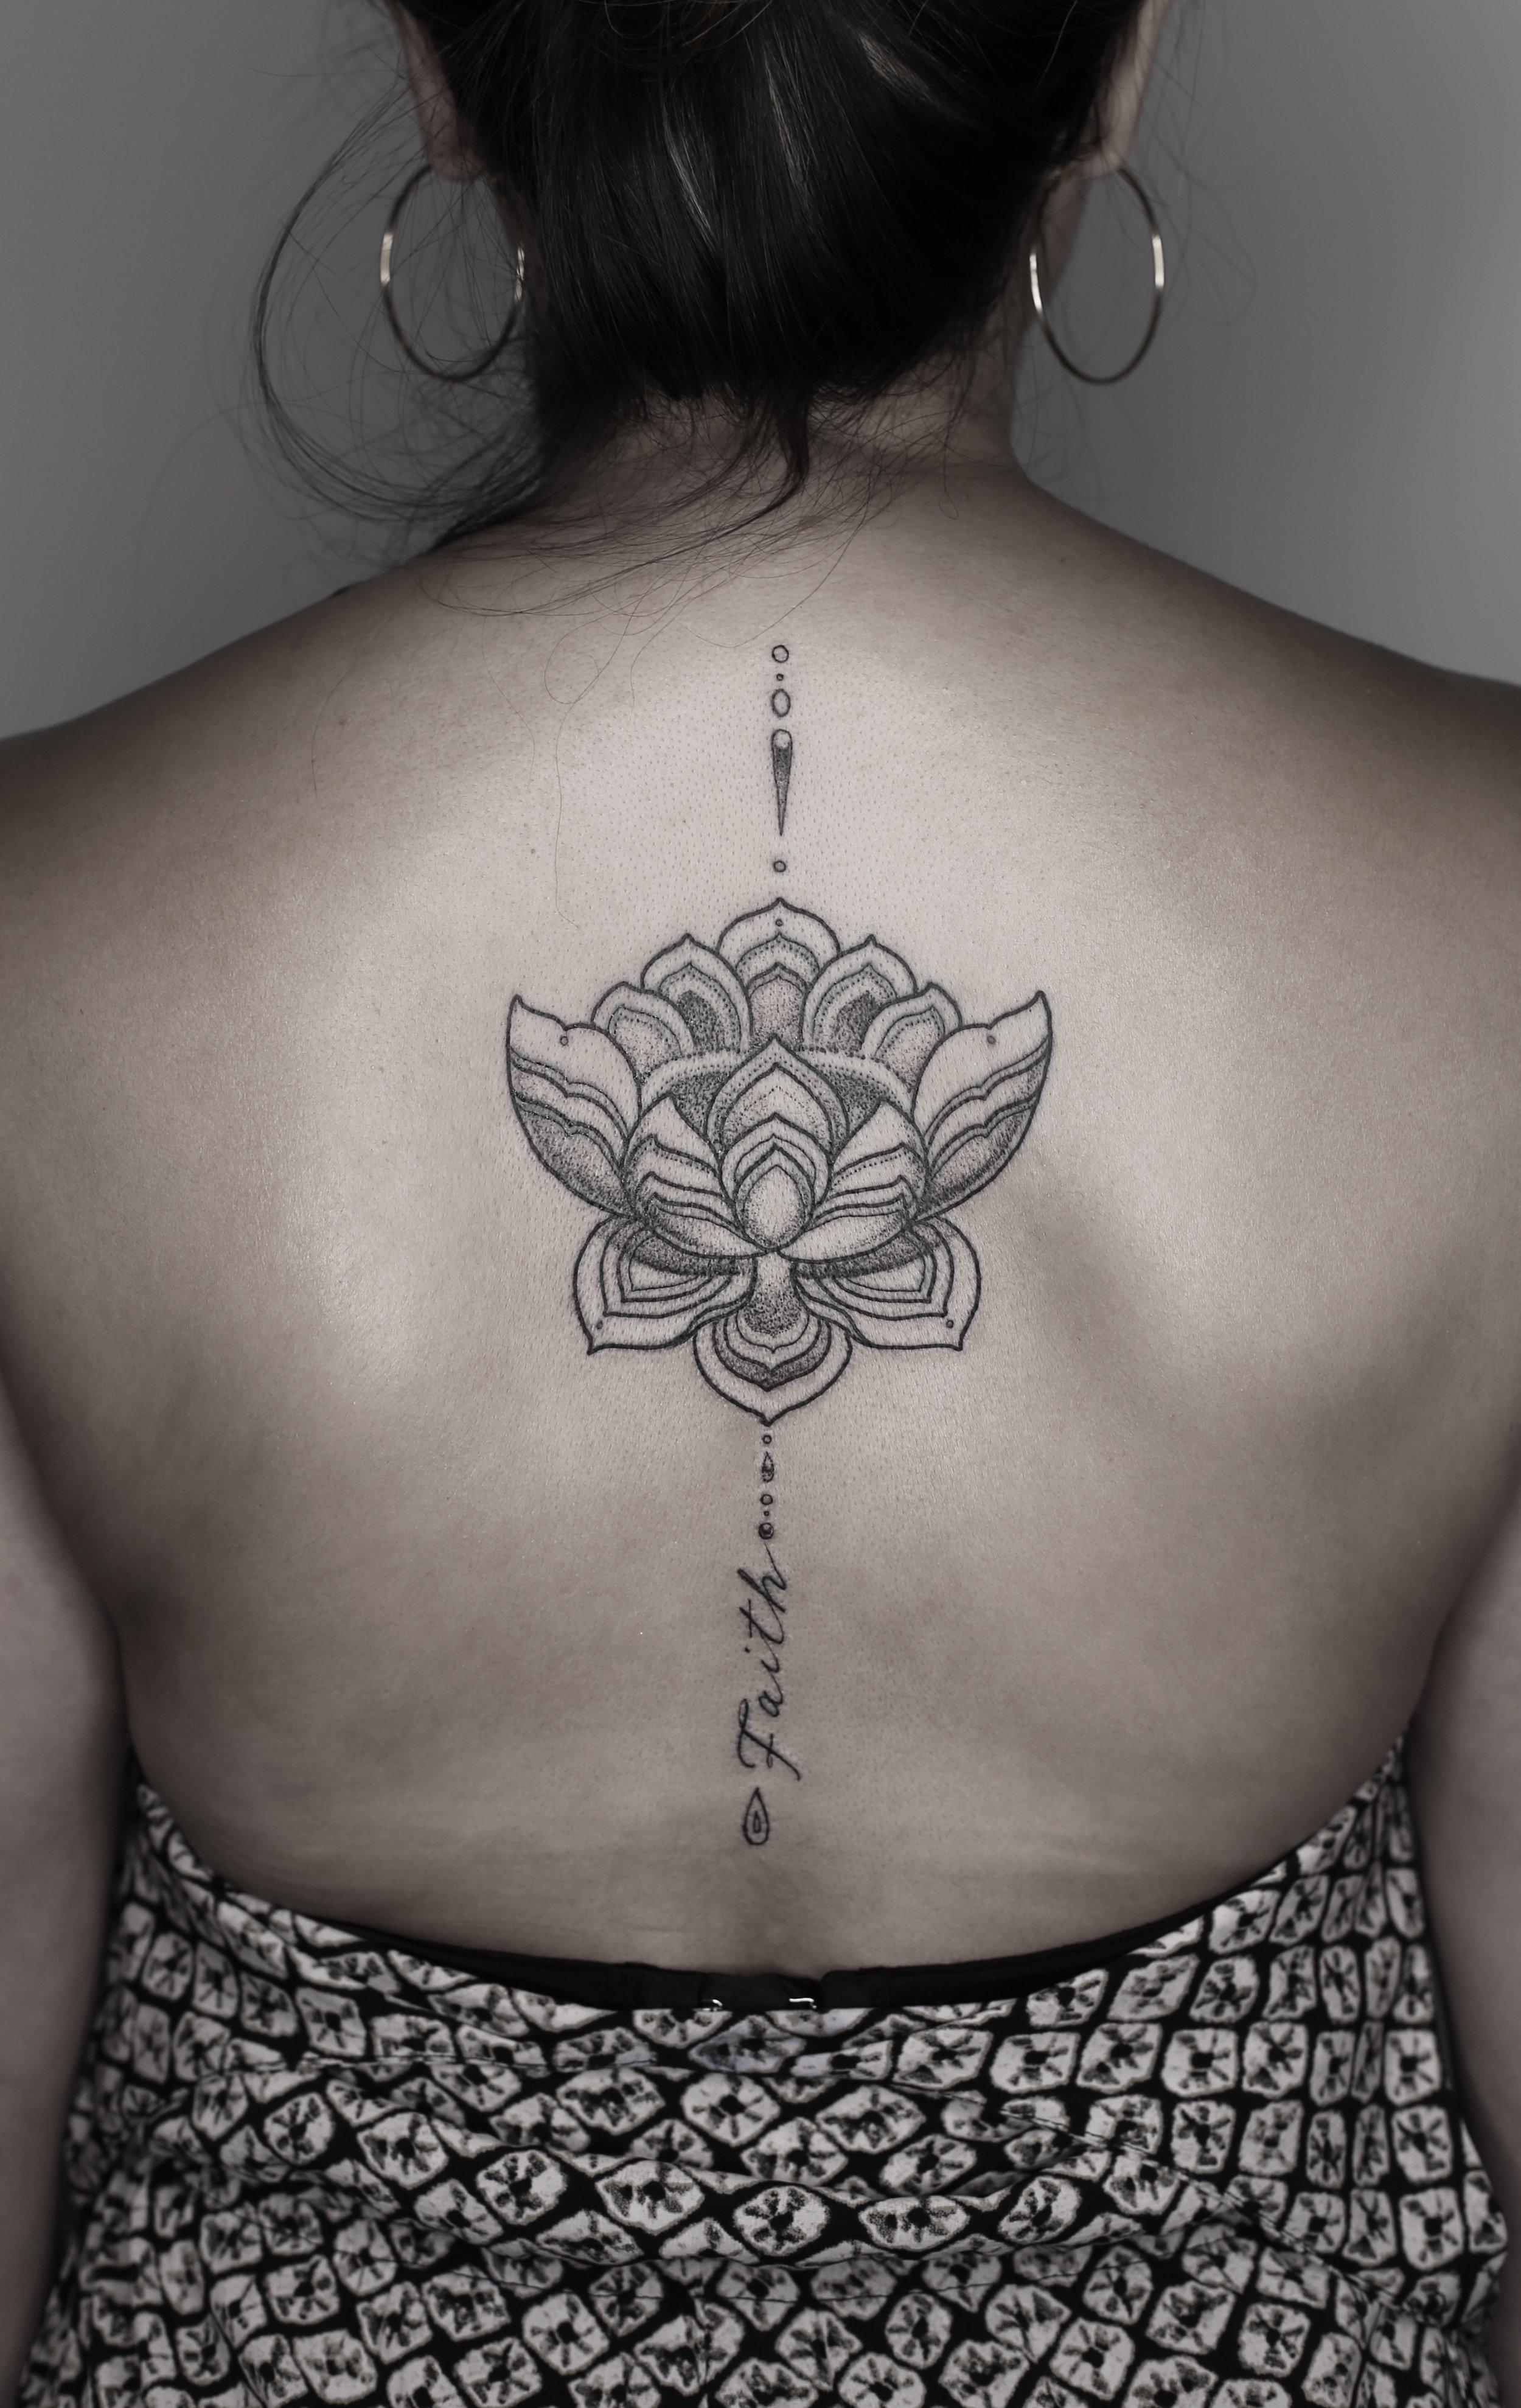 ejay tattoo singleton tattoo trinity groves dallas texas best artist tattoo ink oak cliff lotus pretty .jpg